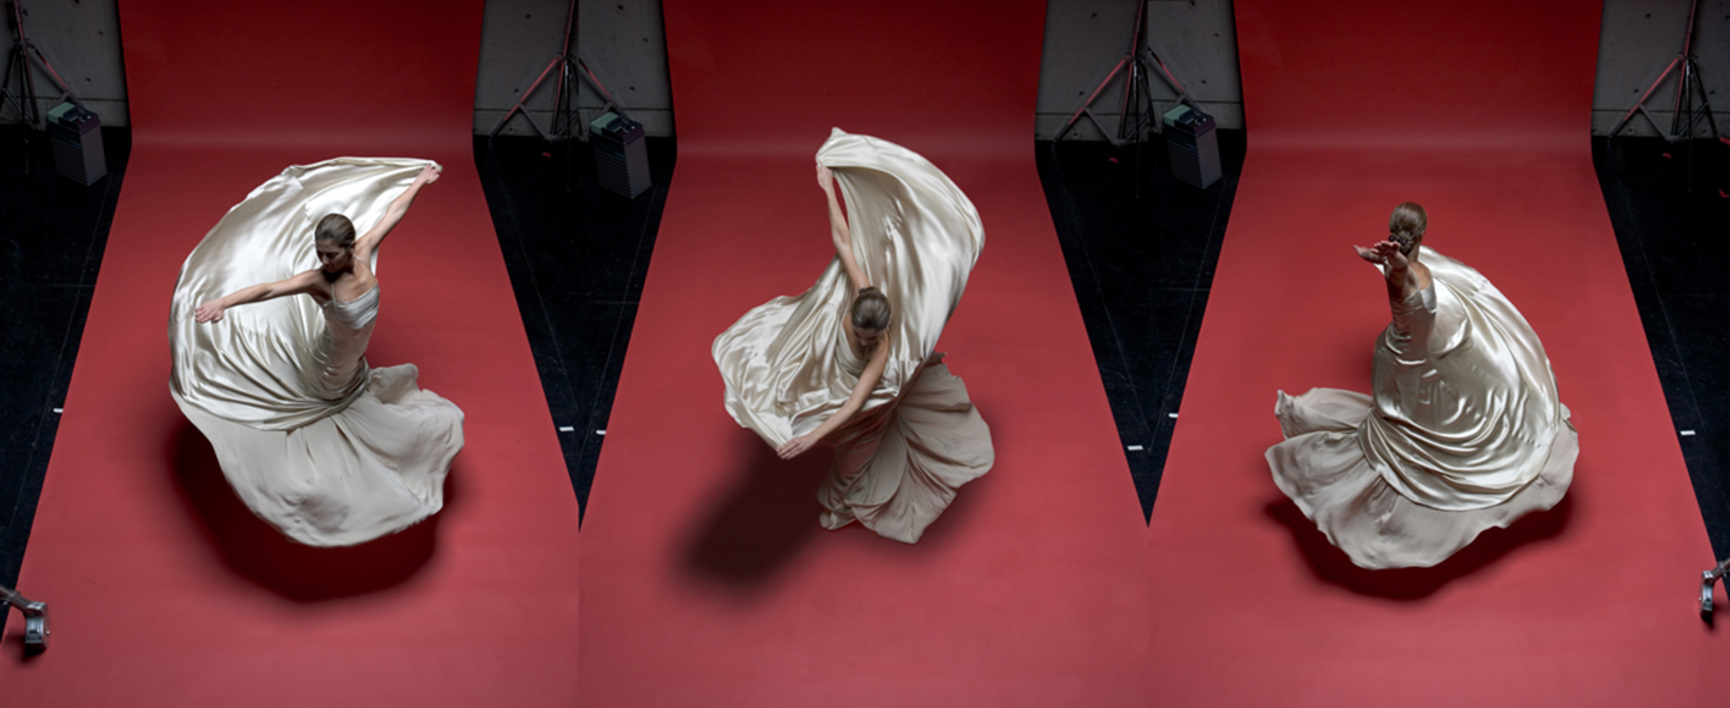 Molinos de viento |Fotografía de Peter Müller Peter | Compra arte en Flecha.es